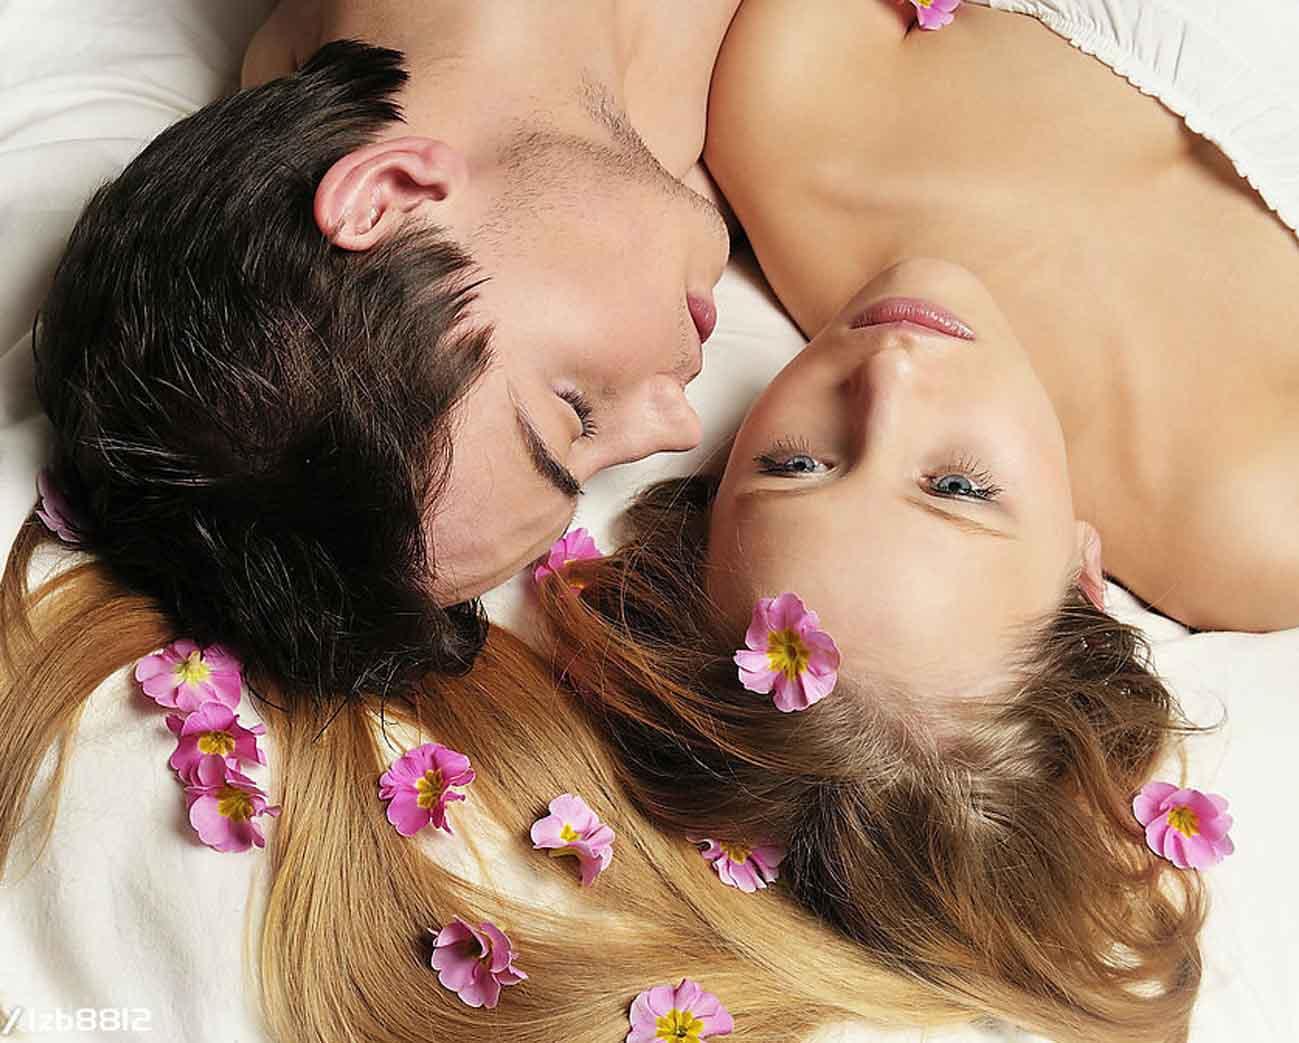 Как воздерживаются в сексе